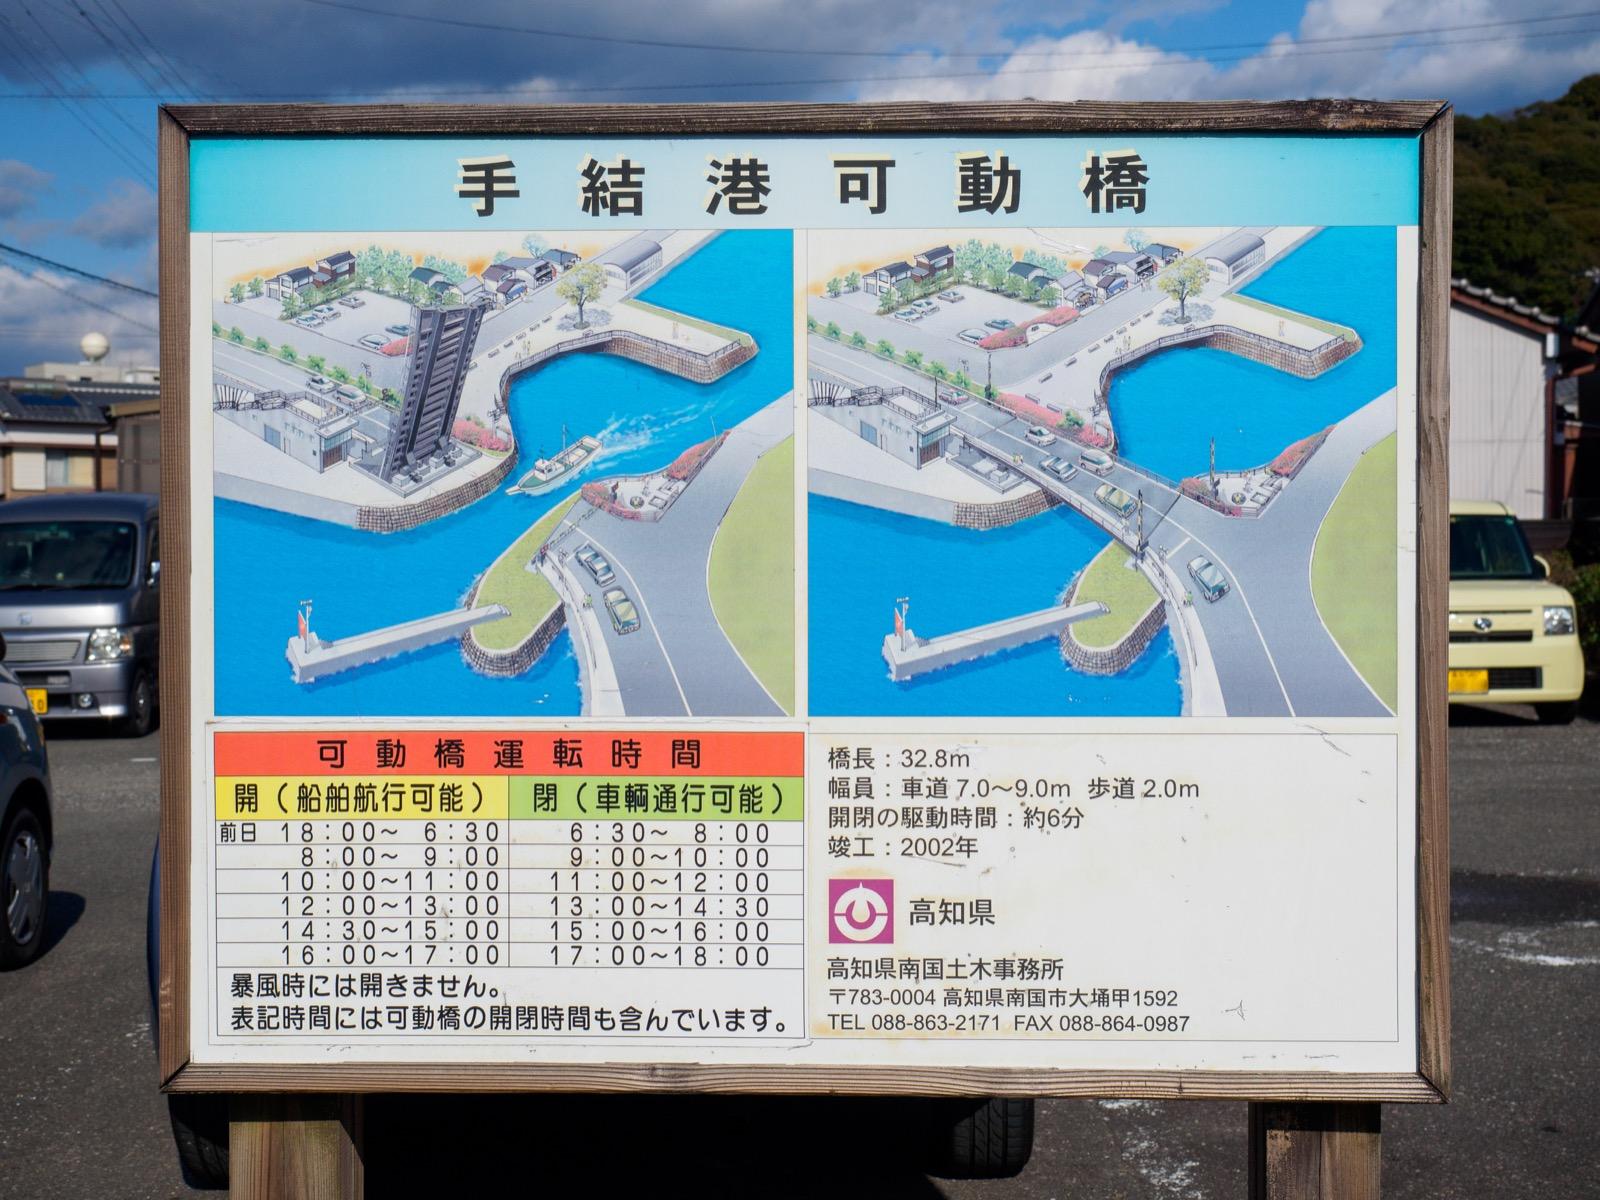 手結港可動橋の概要と運転時間